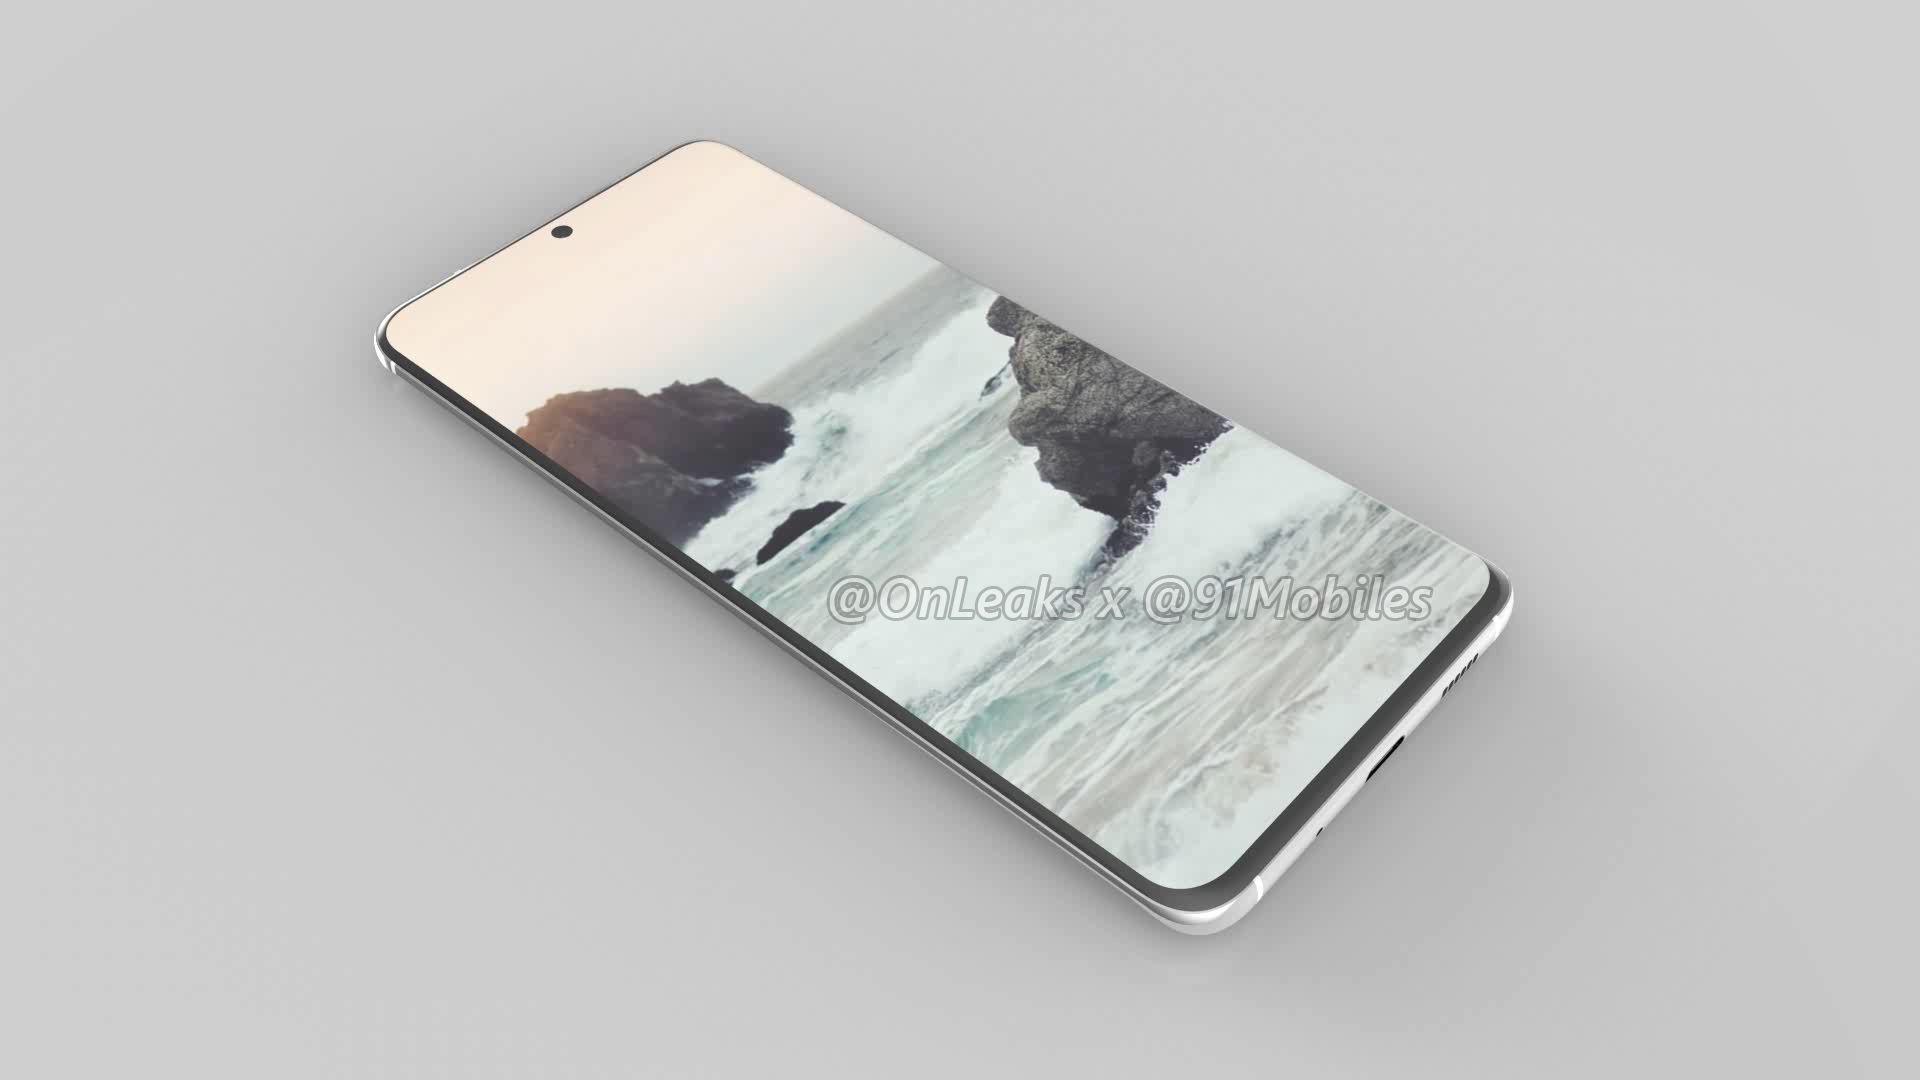 Samsung Galaxy S11 rendery Onleaks specyfikacja techniczna kiedy premiera plotki przecieki wycieki